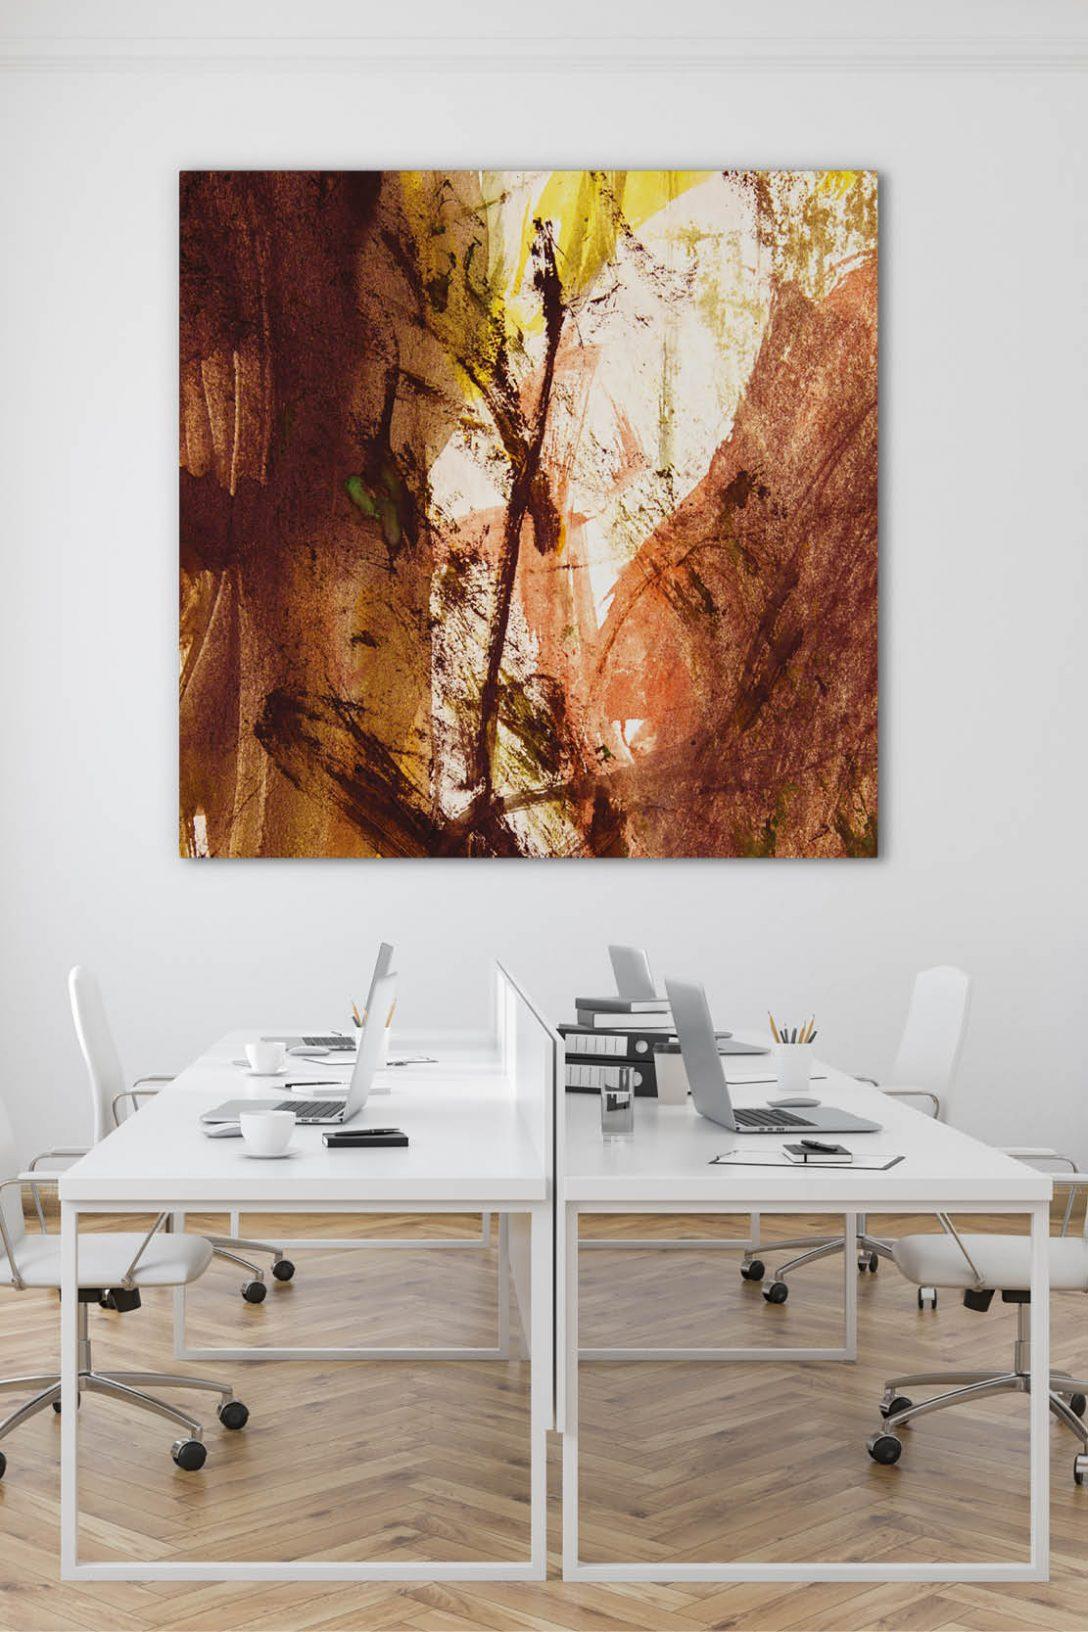 Large Size of Wanddeko Hirsch Modern Moderne Aus Metall Holz Heine Glas Silber Akustikbild Herbststurm Manufaktur Gmbh Bilder Fürs Wohnzimmer Küche Weiss Duschen Modernes Wohnzimmer Wanddeko Modern